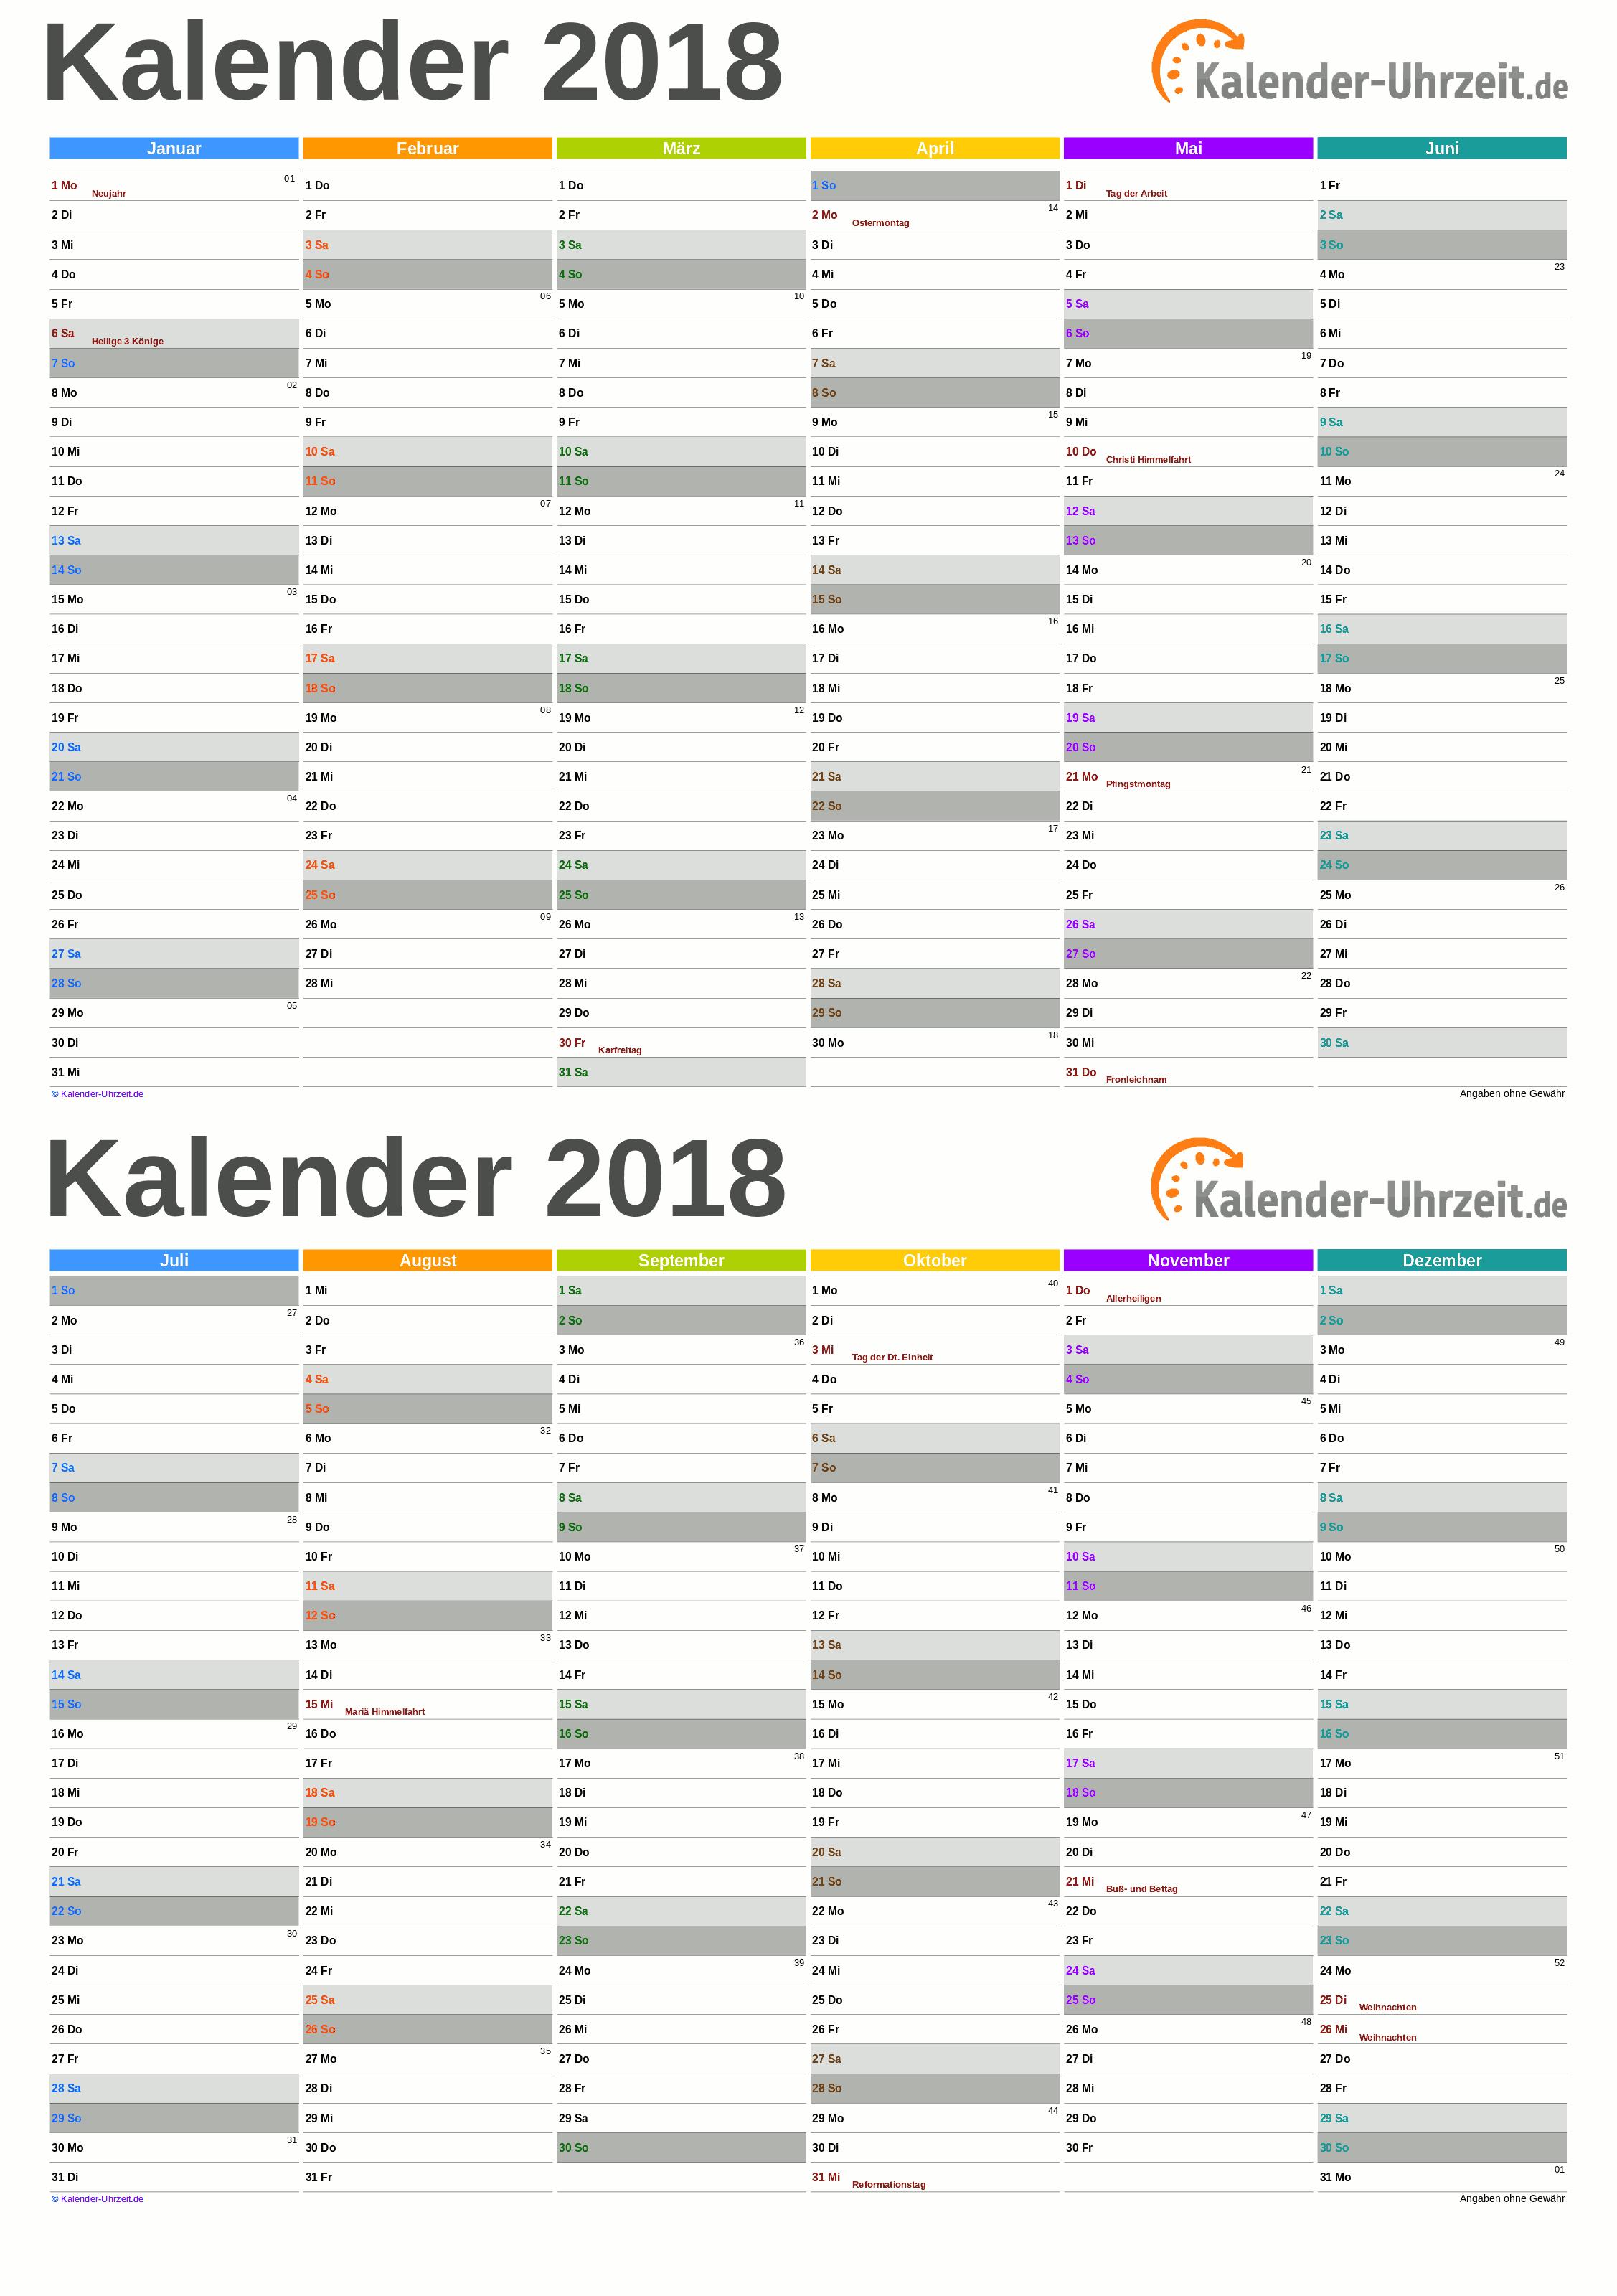 Kalender 2018 A5-Excel-Vorlage 4 Vorschau